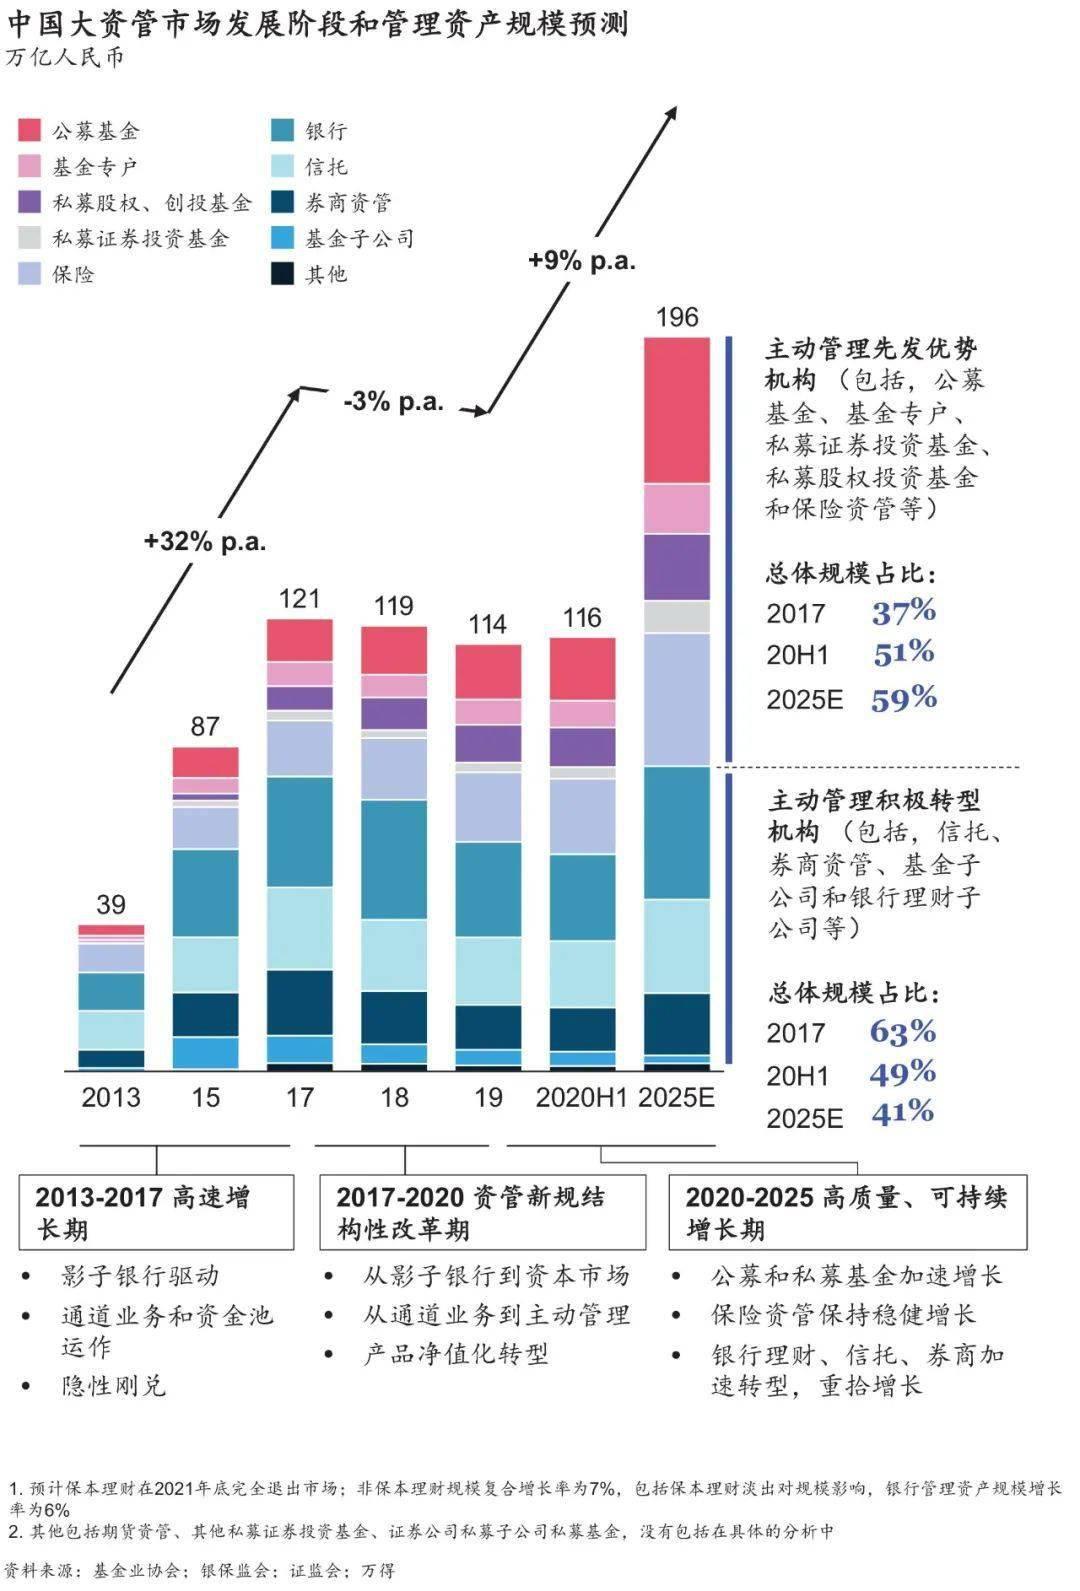 中国一流的公募基金离世界一流还有多远?